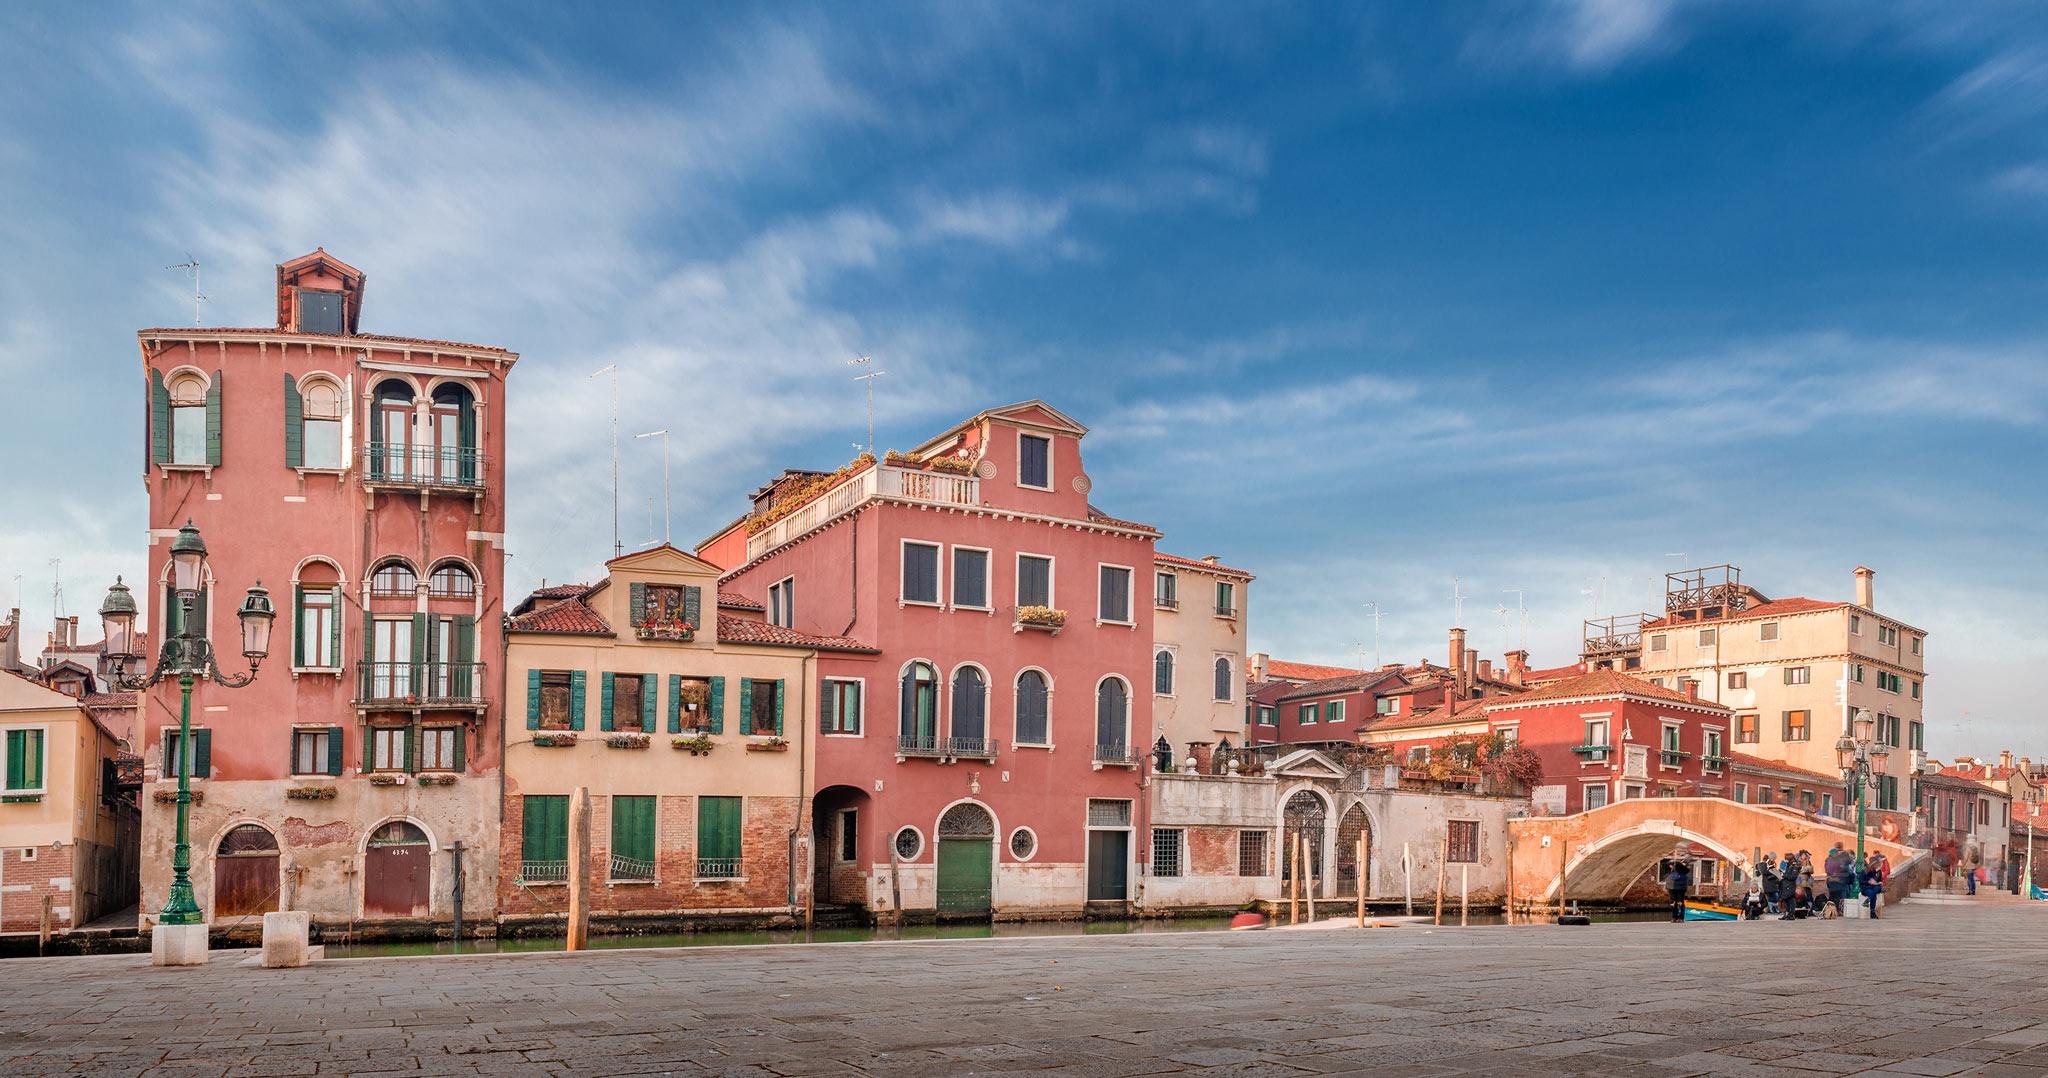 Paesaggi-Italia - DSC 5636 1 - DSC_5636 -